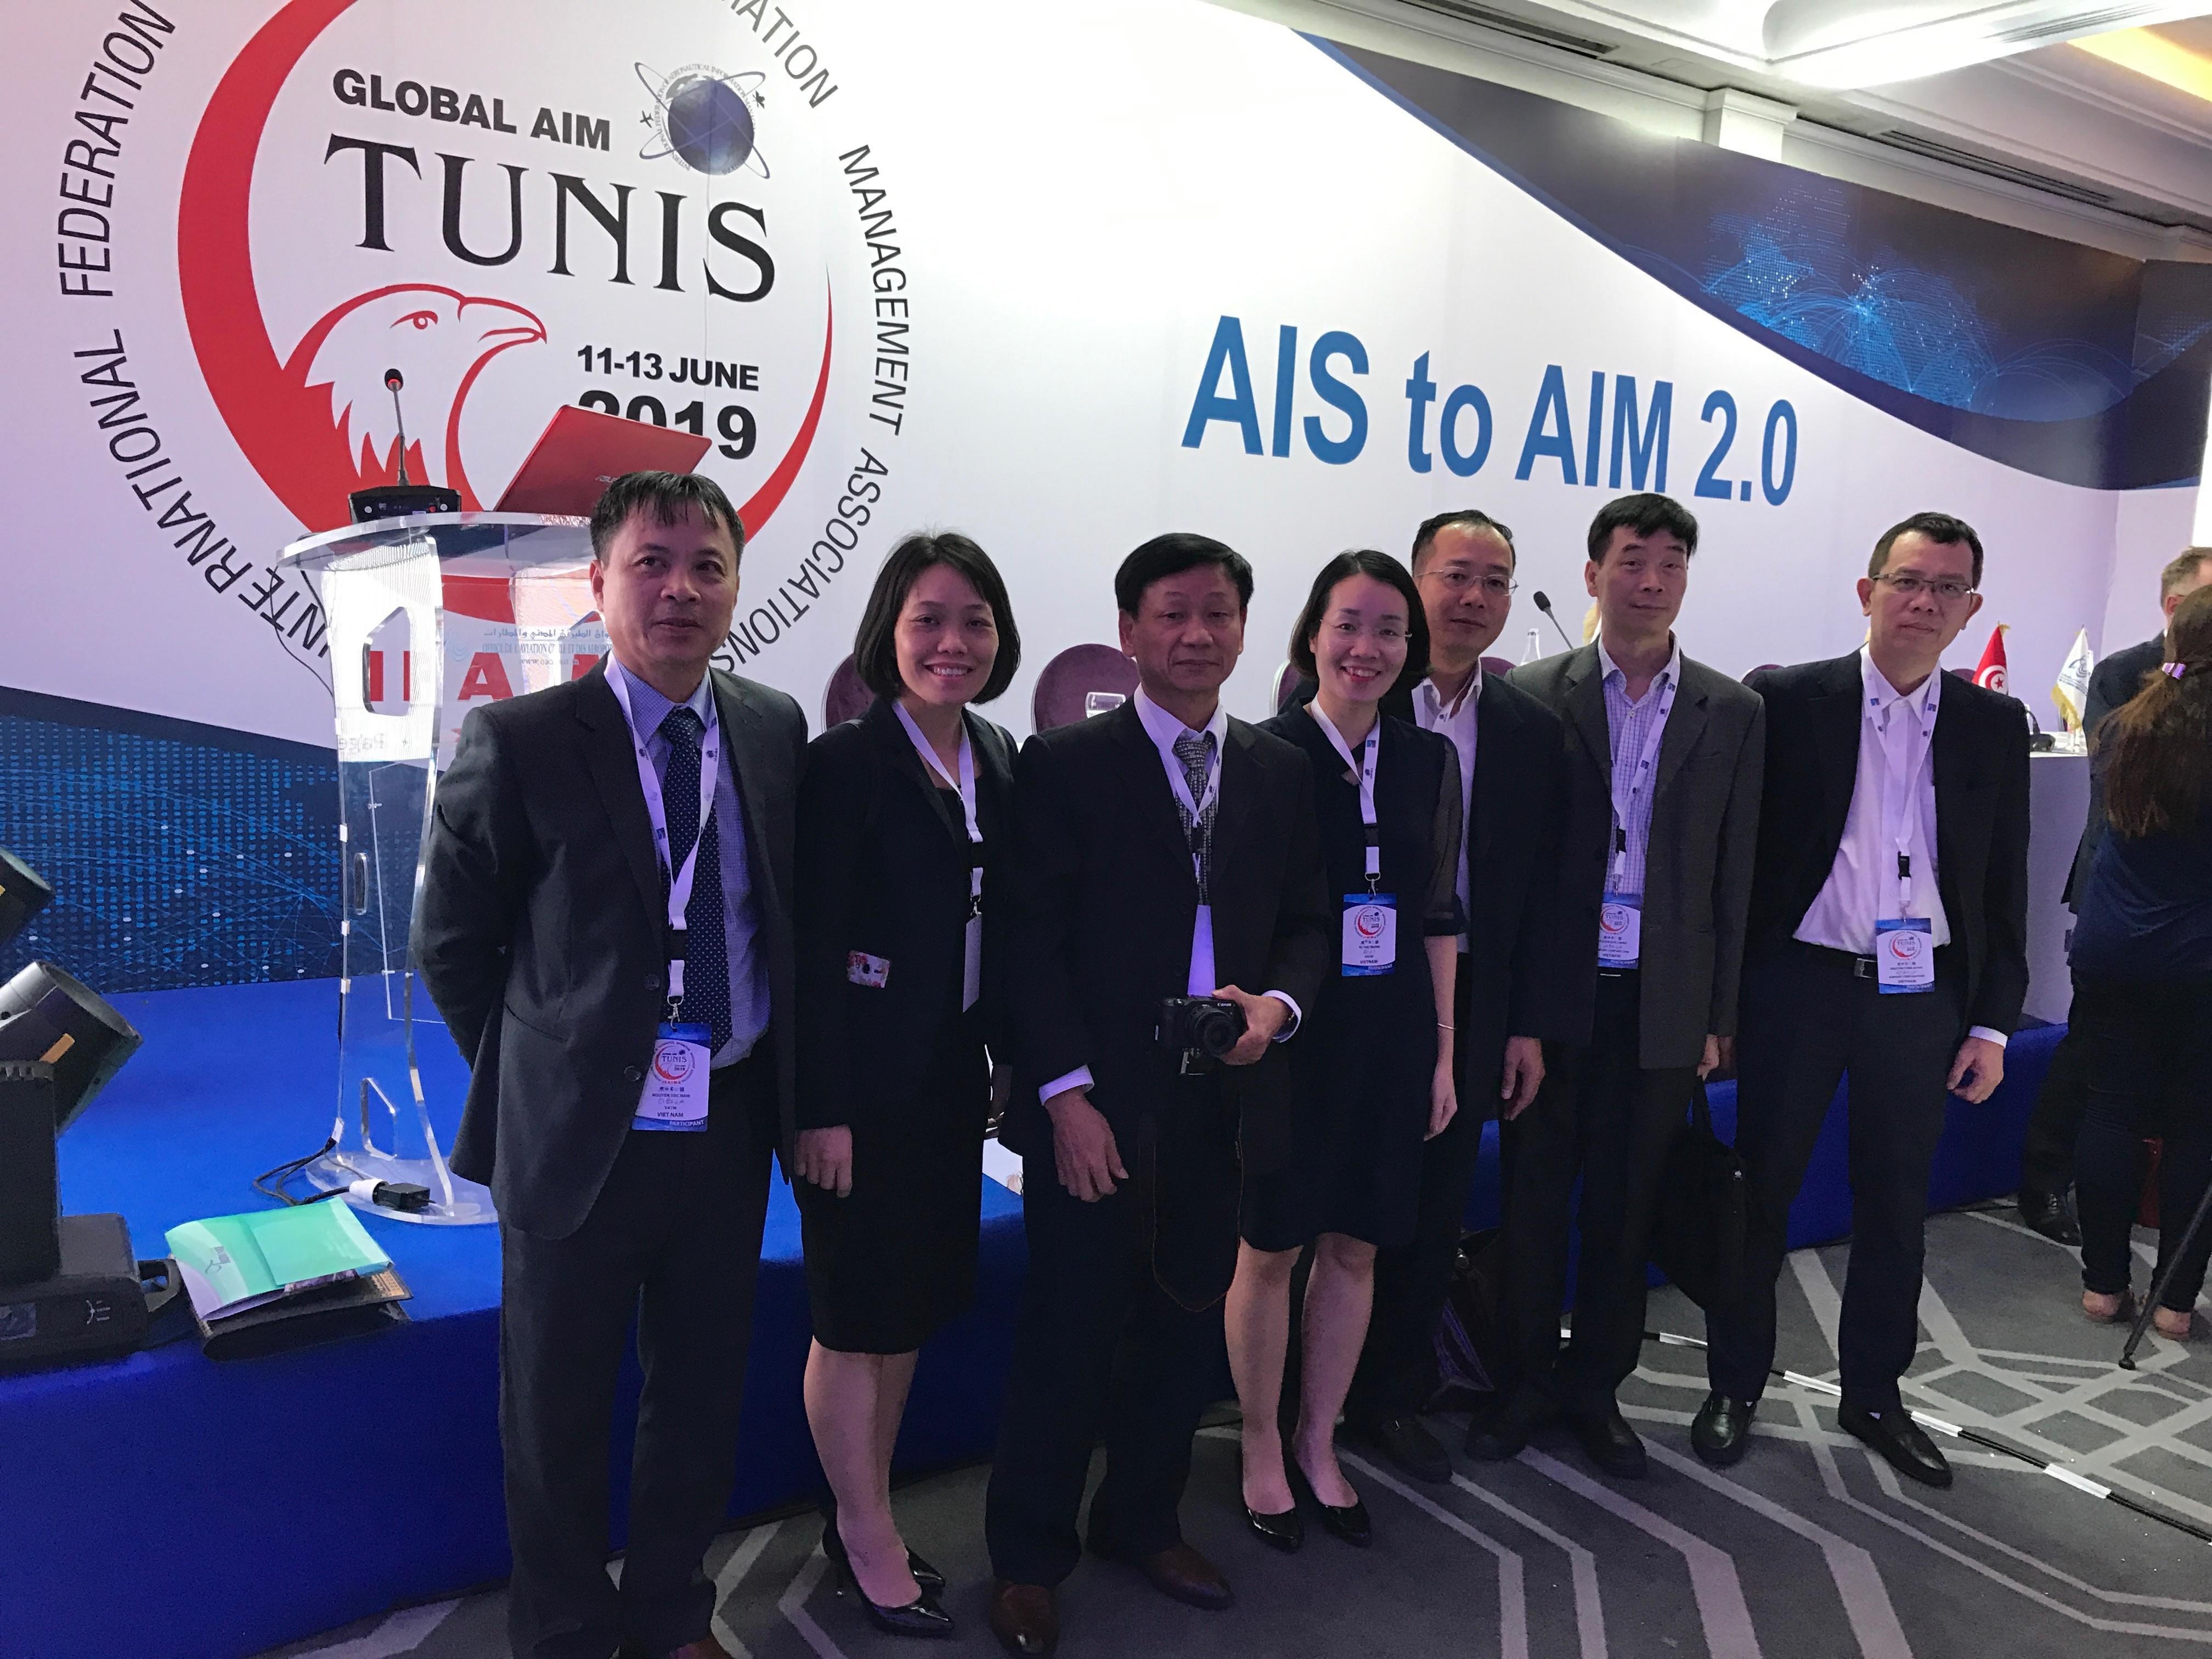 Việt Nam tham dự Hội nghị Quản lý tin tức hàng không (AIM) toàn cầu 2019